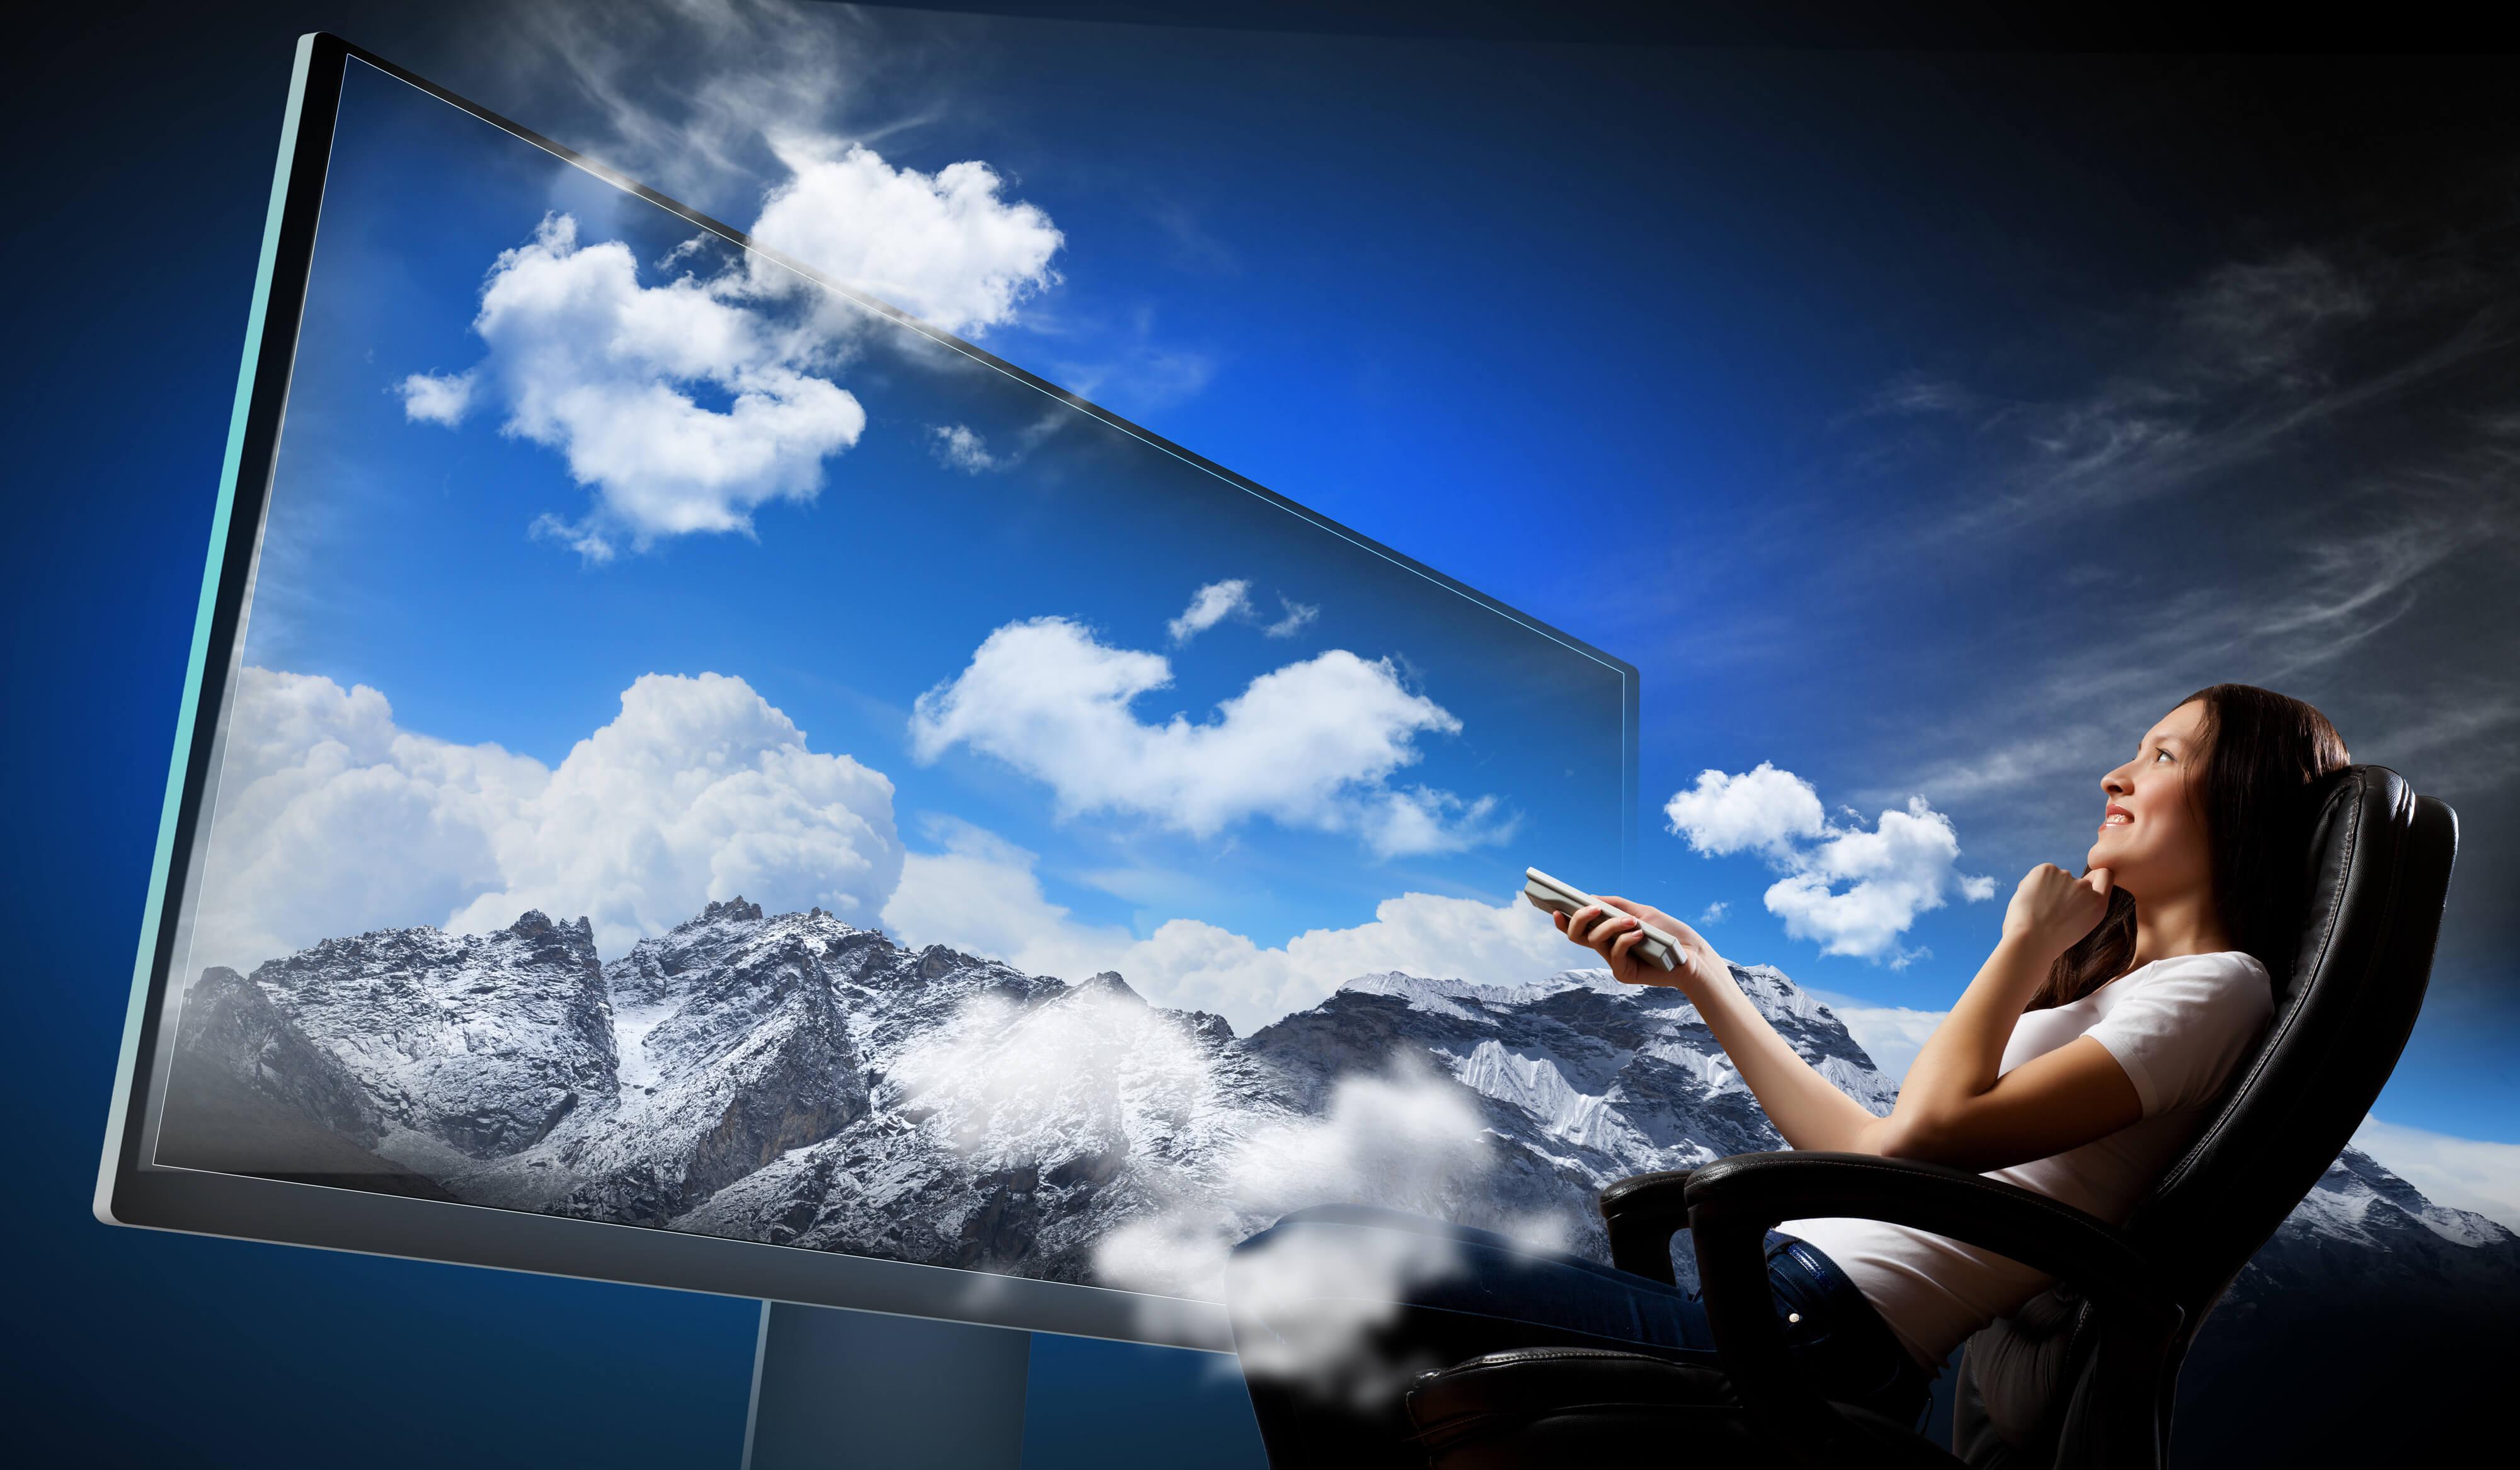 Telewizor 3D. Jak działa? Jaki wybrać i kupić? Najlepsze TV 3D w rankingu 2021!